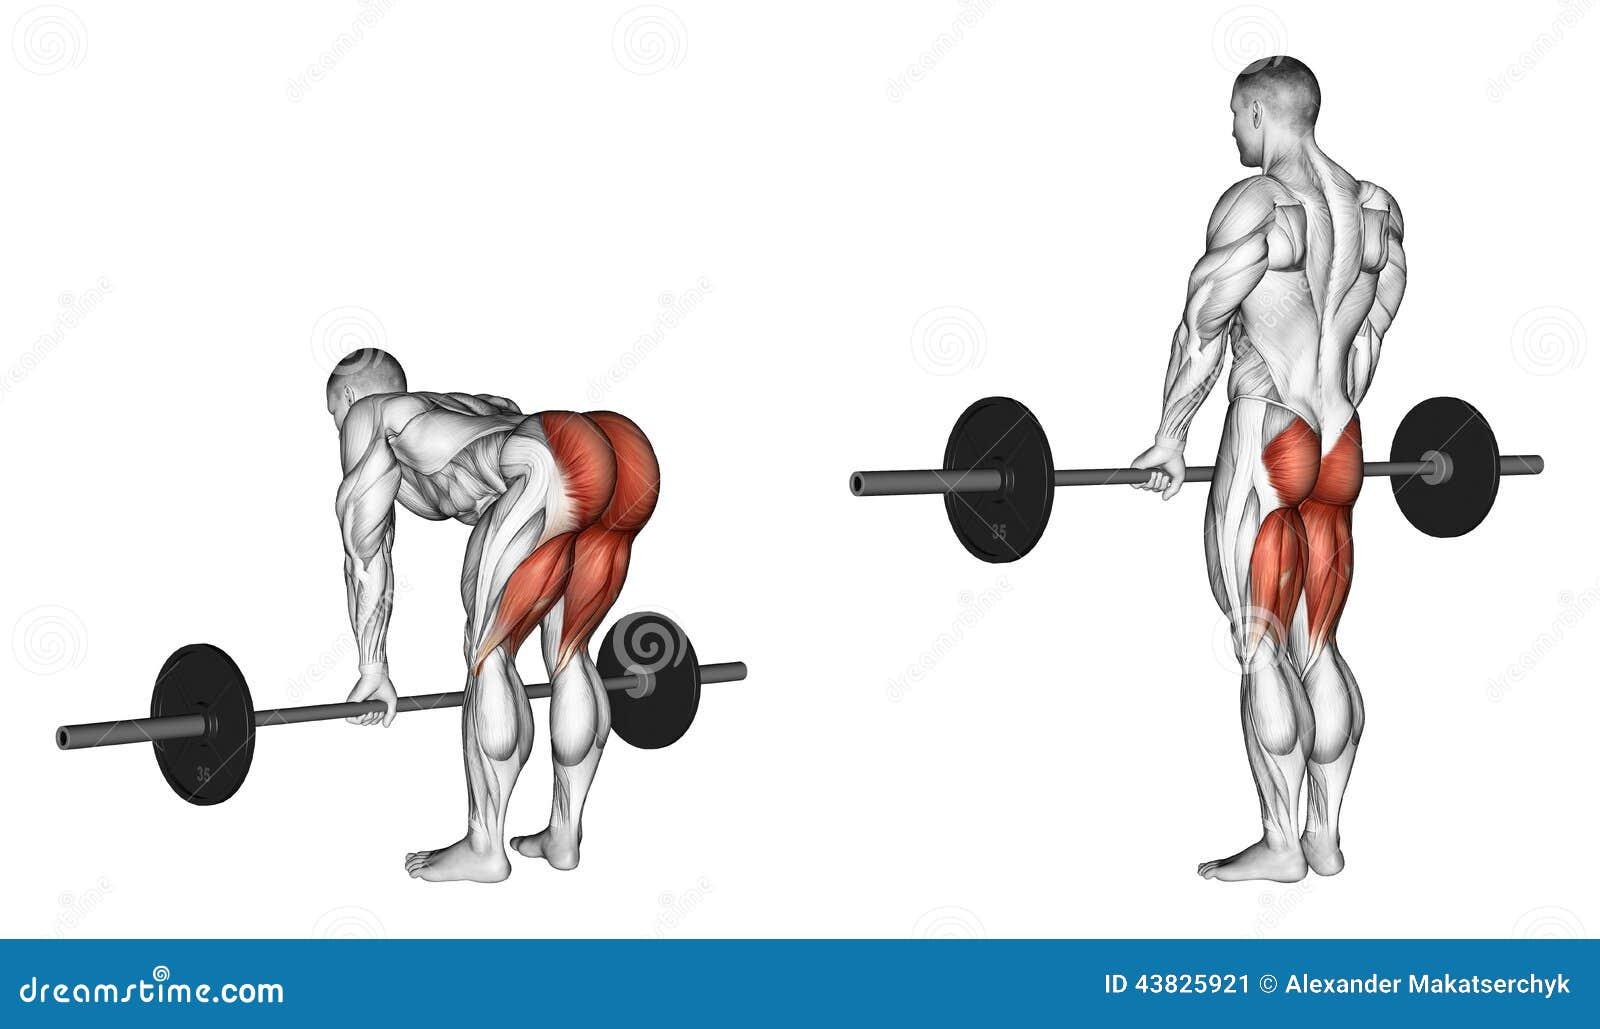 Straight leg deadlift | Fitness | Pinterest | Morning ...